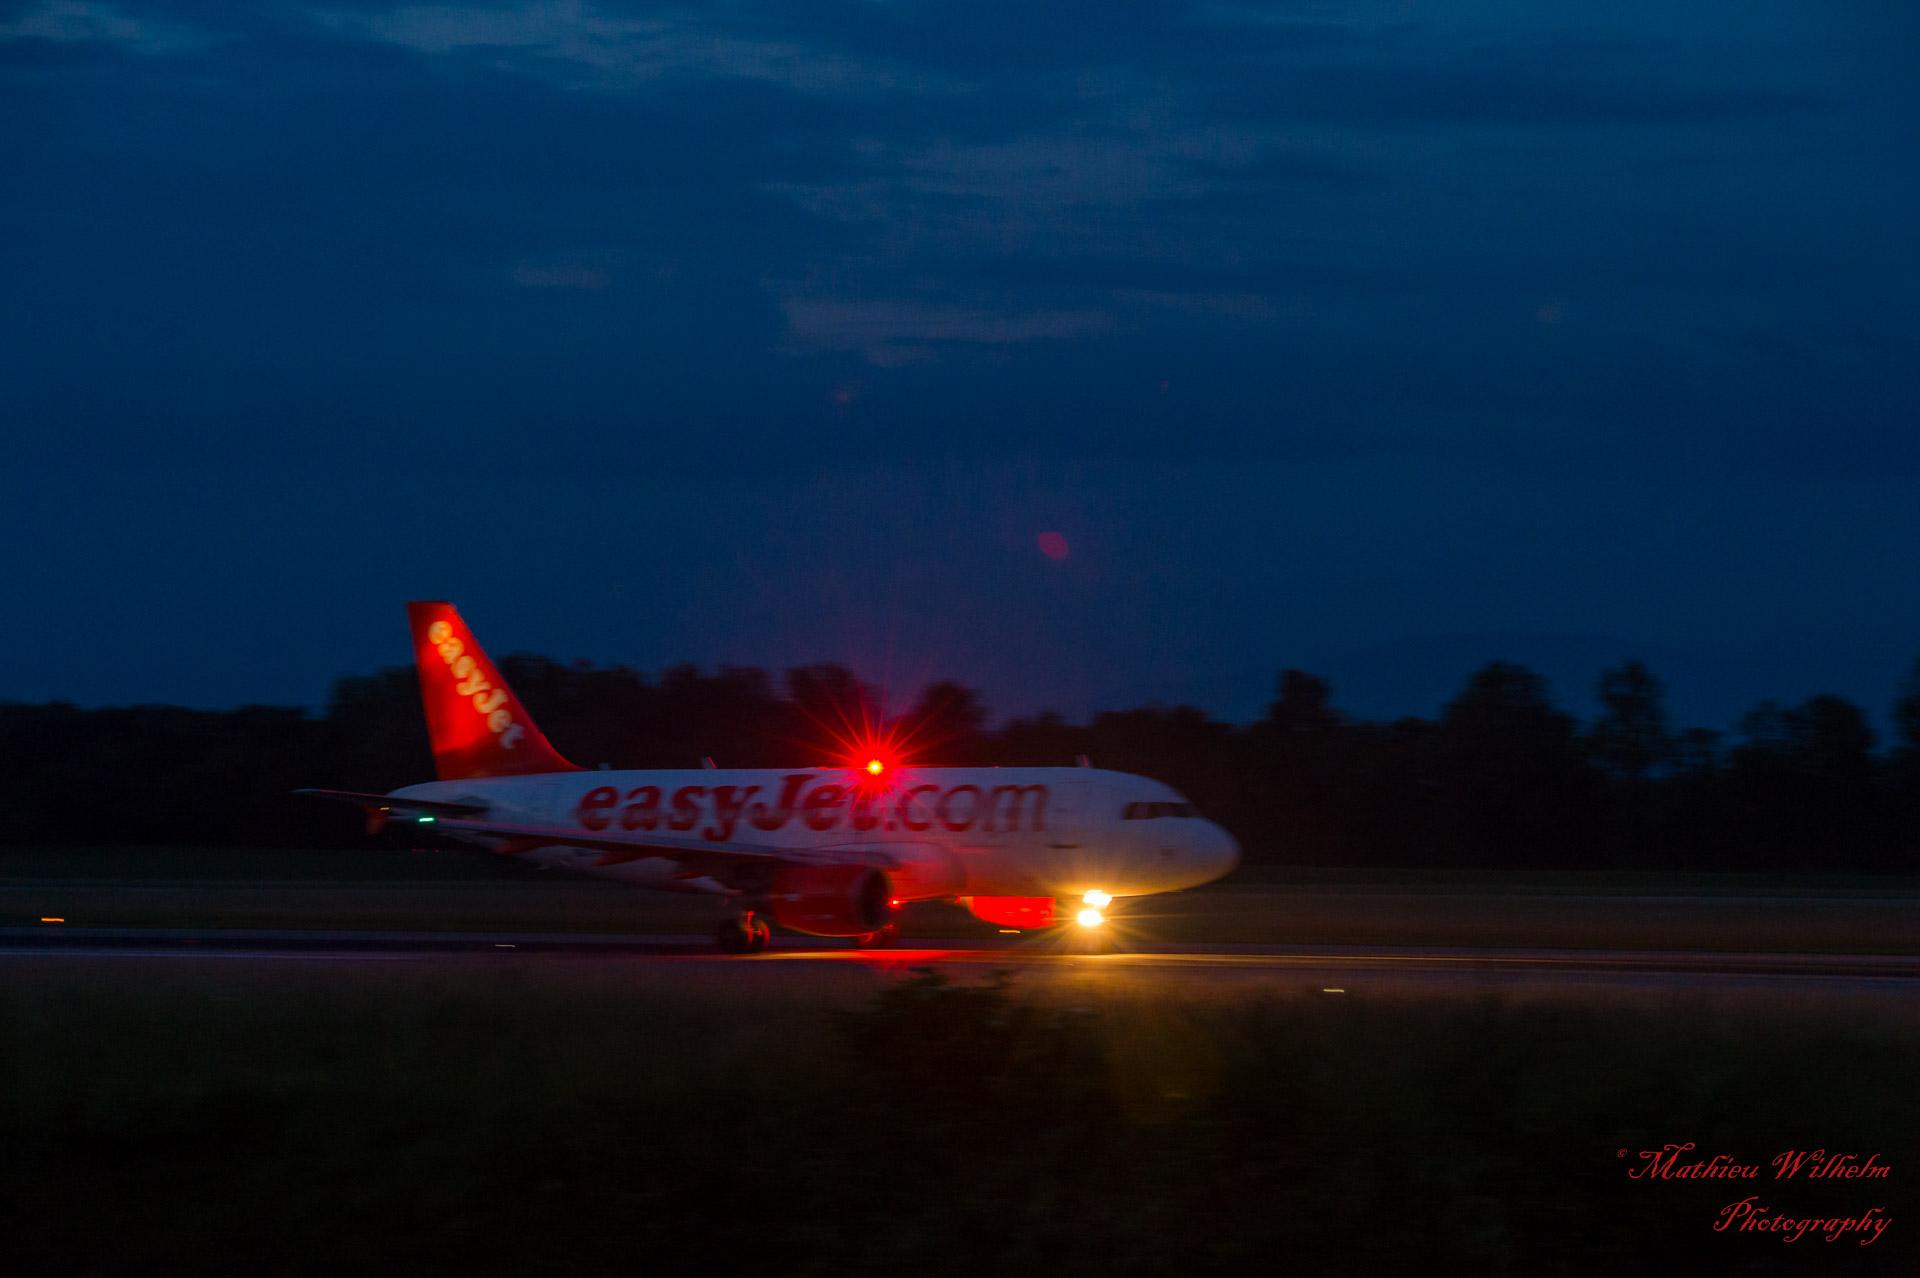 2018-05-23 Aeroport bale mulhouse (34)